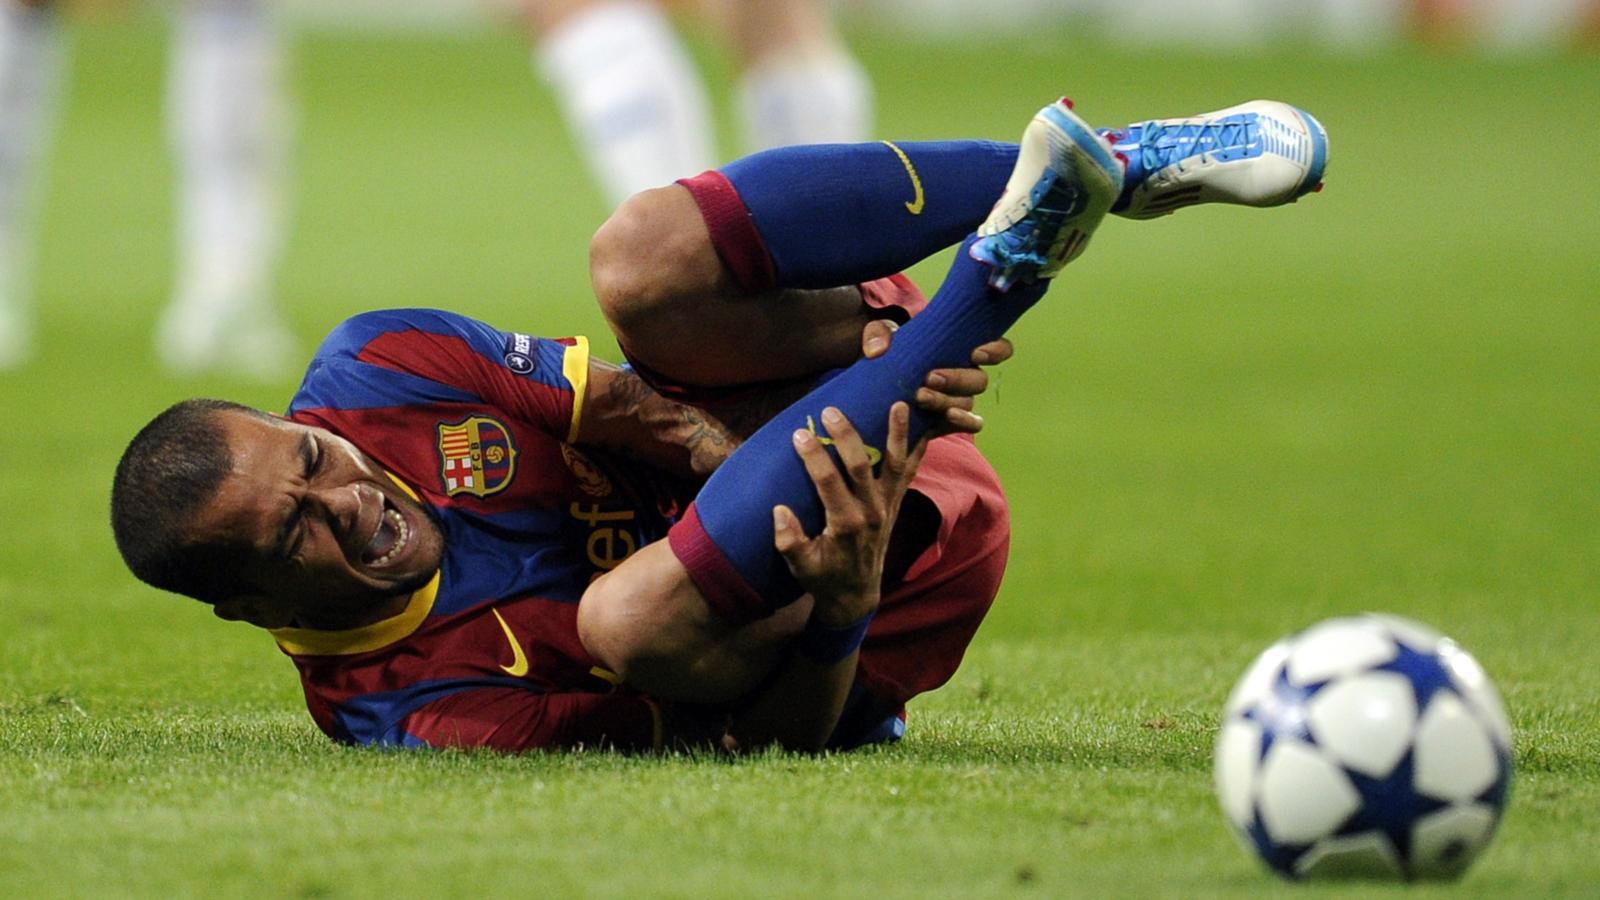 Картинки нелепых травм в футболе 2